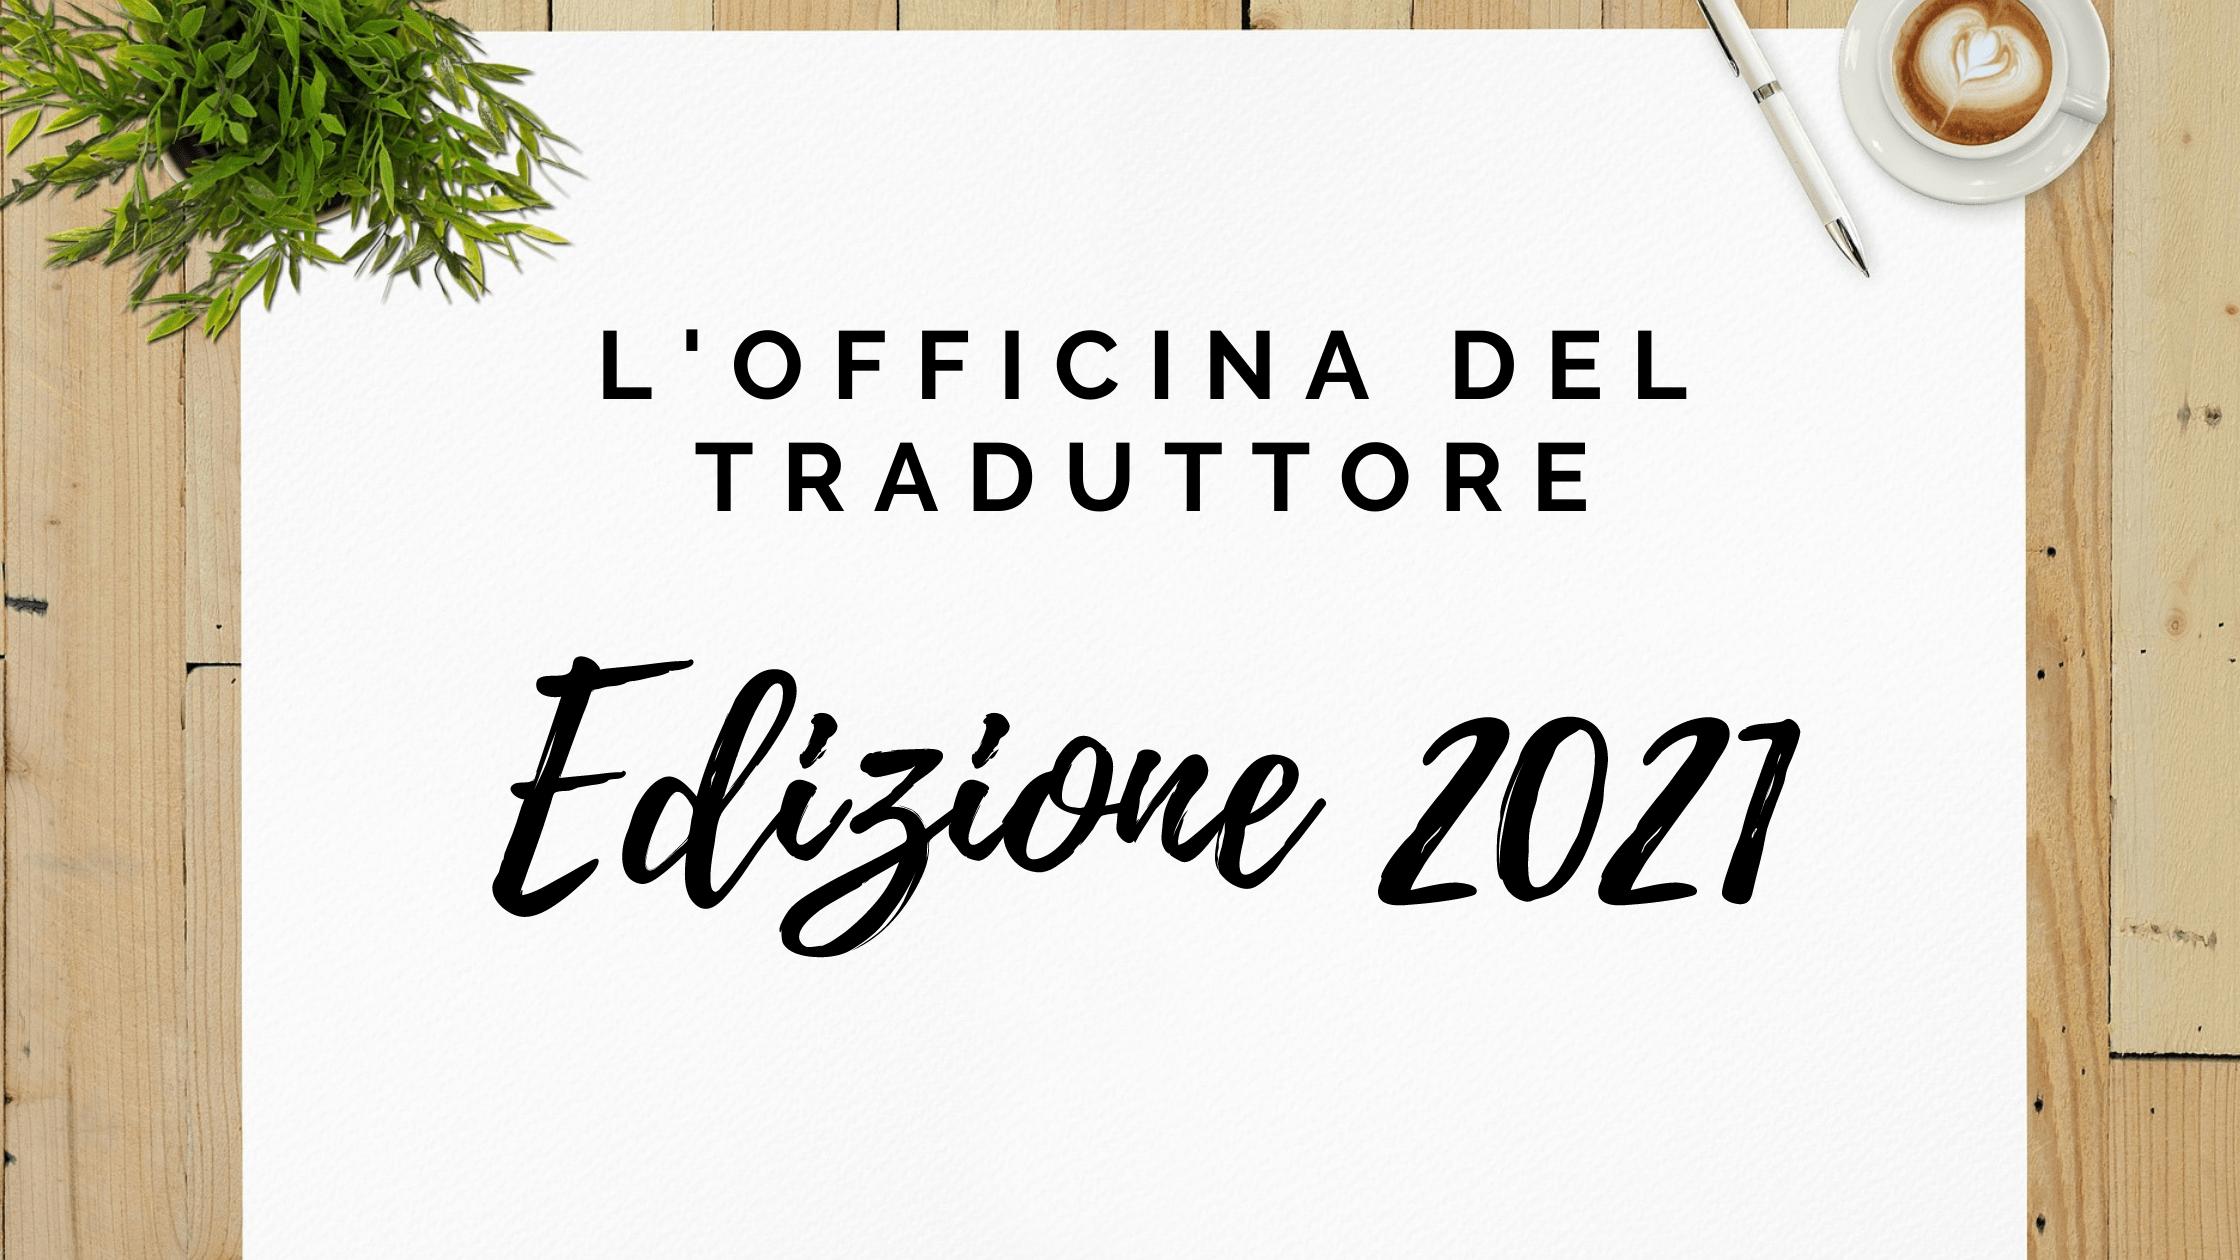 L'Officina del Traduttore - edizione 2021